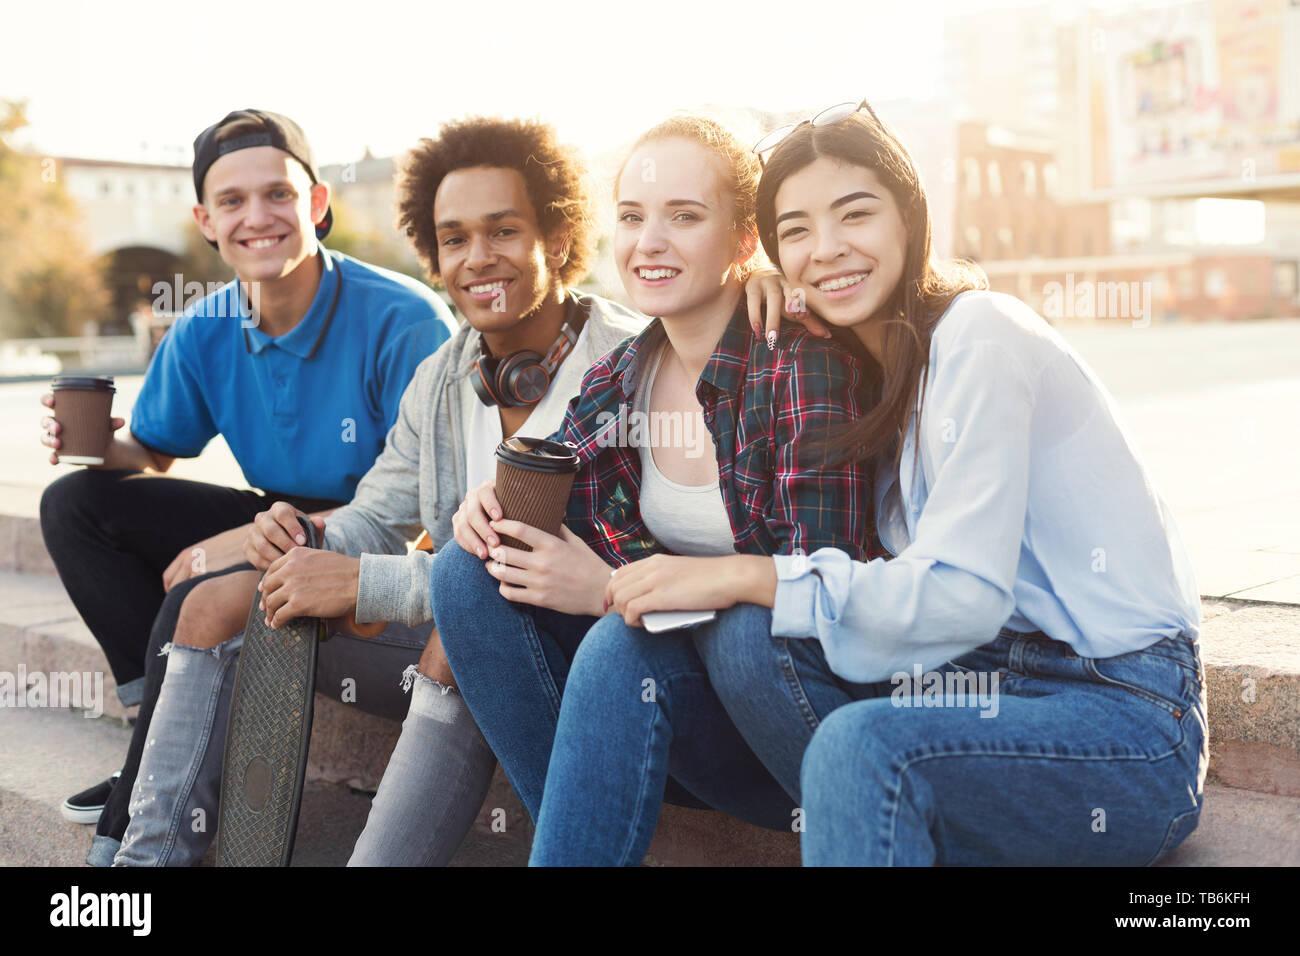 Groupe d'adolescents qui traînaient dans skate parc, avoir pause café dans les sports actifs, de l'espace libre Banque D'Images